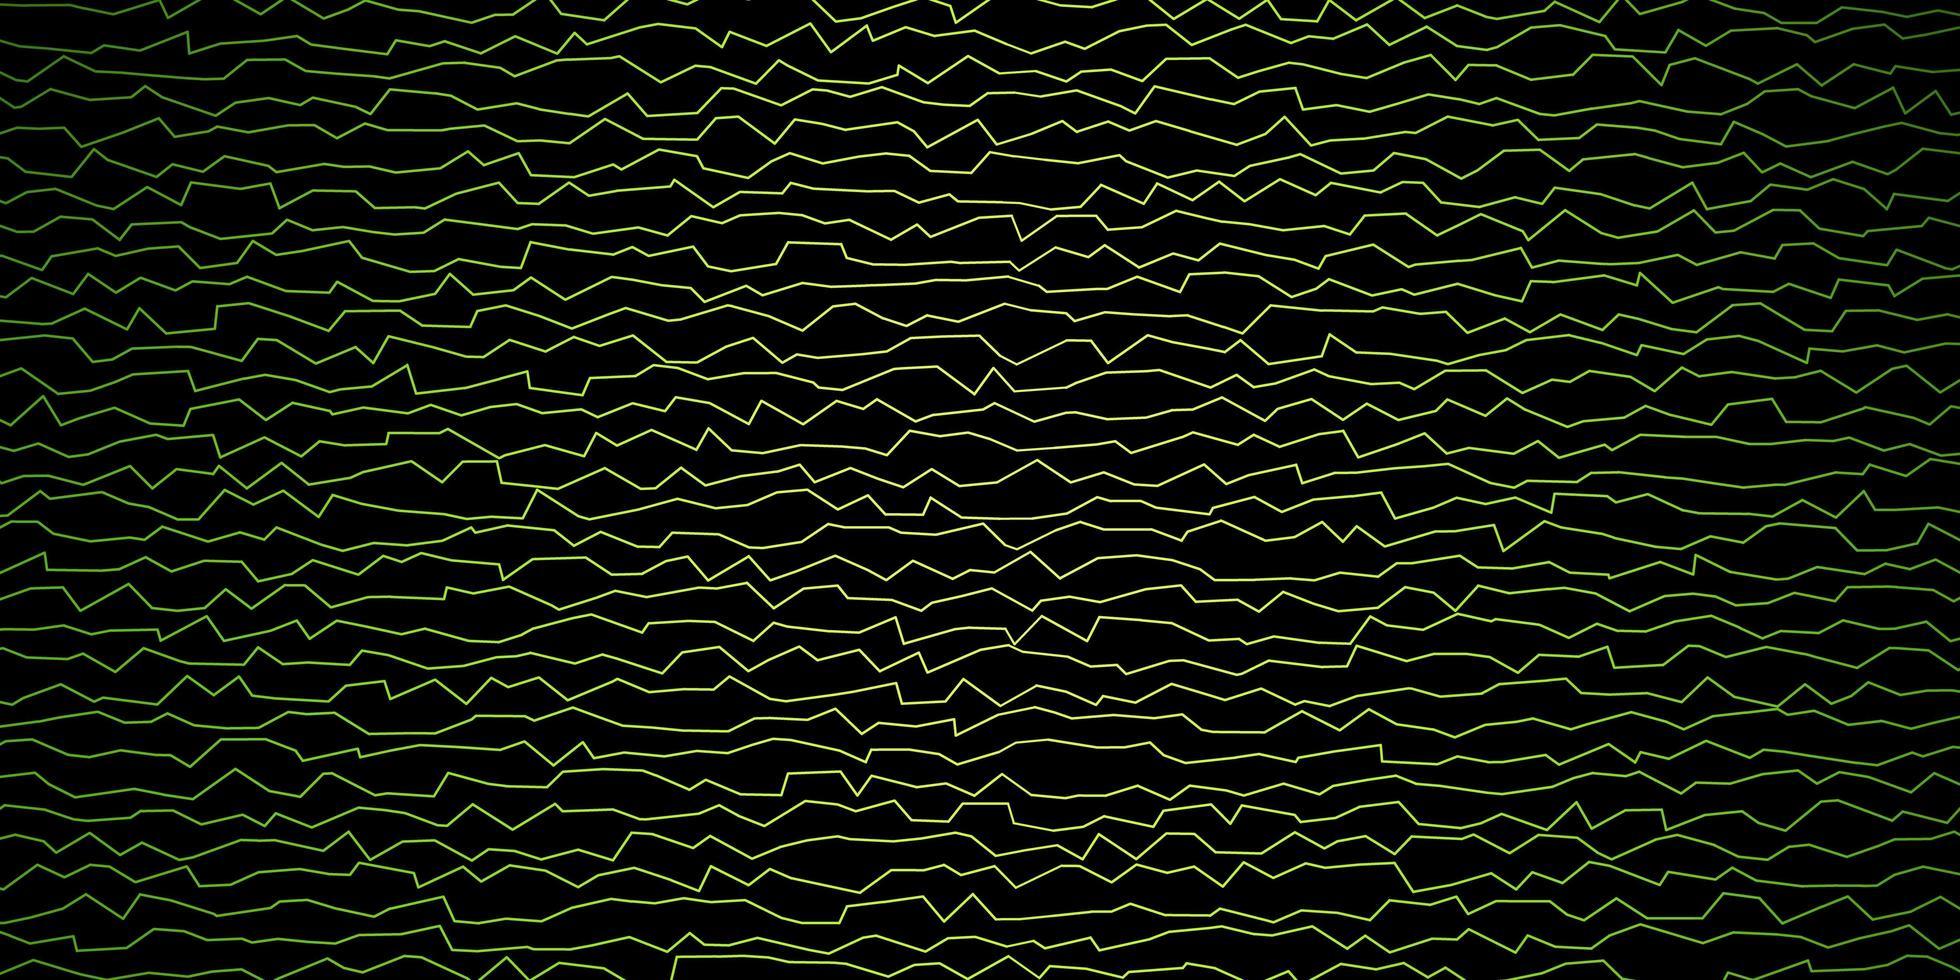 mörkgrönt, gult vektormönster med kurvor. vektor